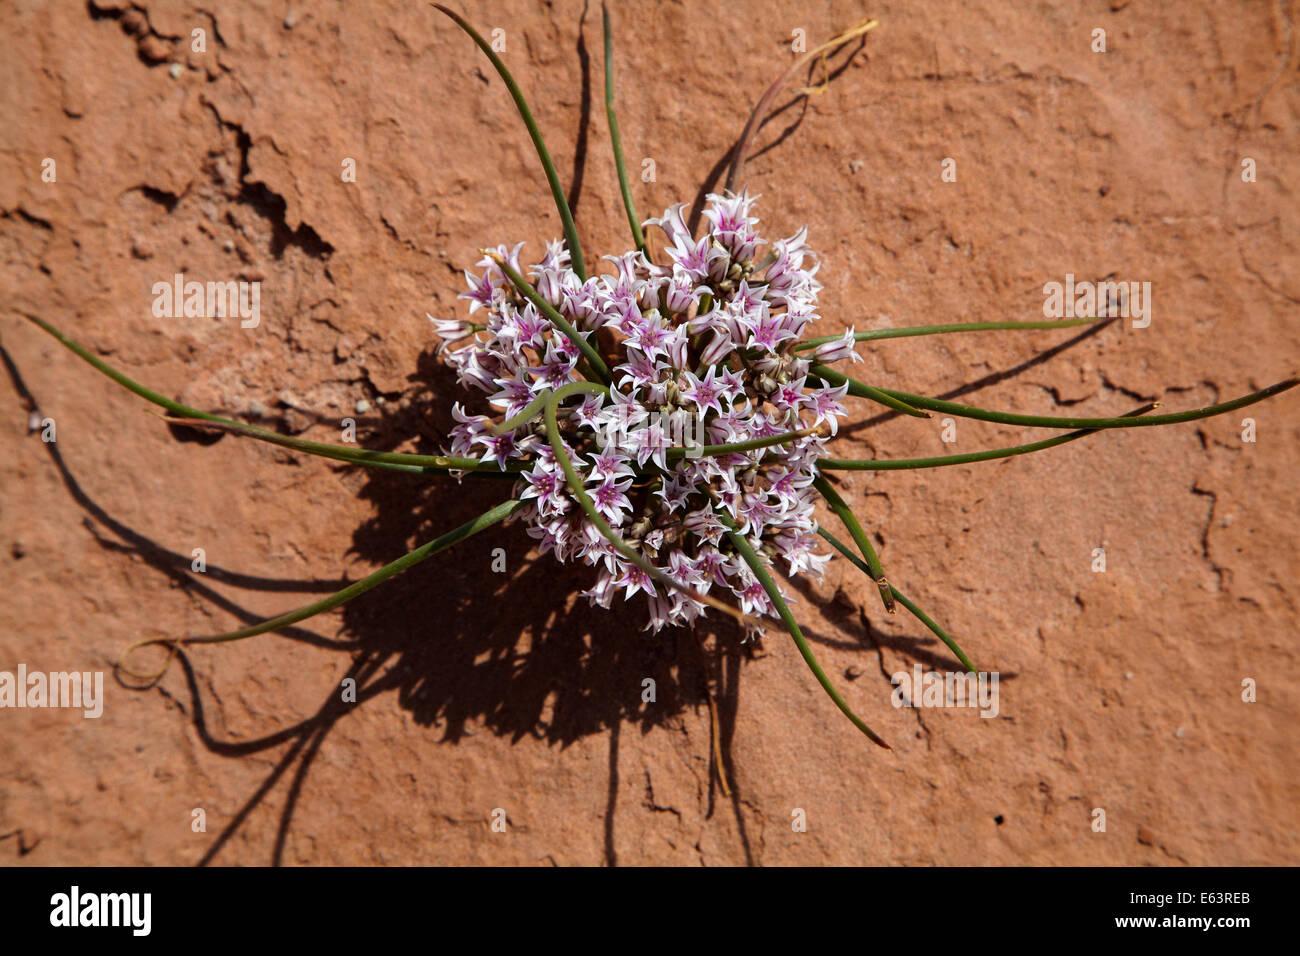 Prairie wild onion (Allium textile), Goblin Valley State Park, San Rafael Desert, Utah, USA - Stock Image